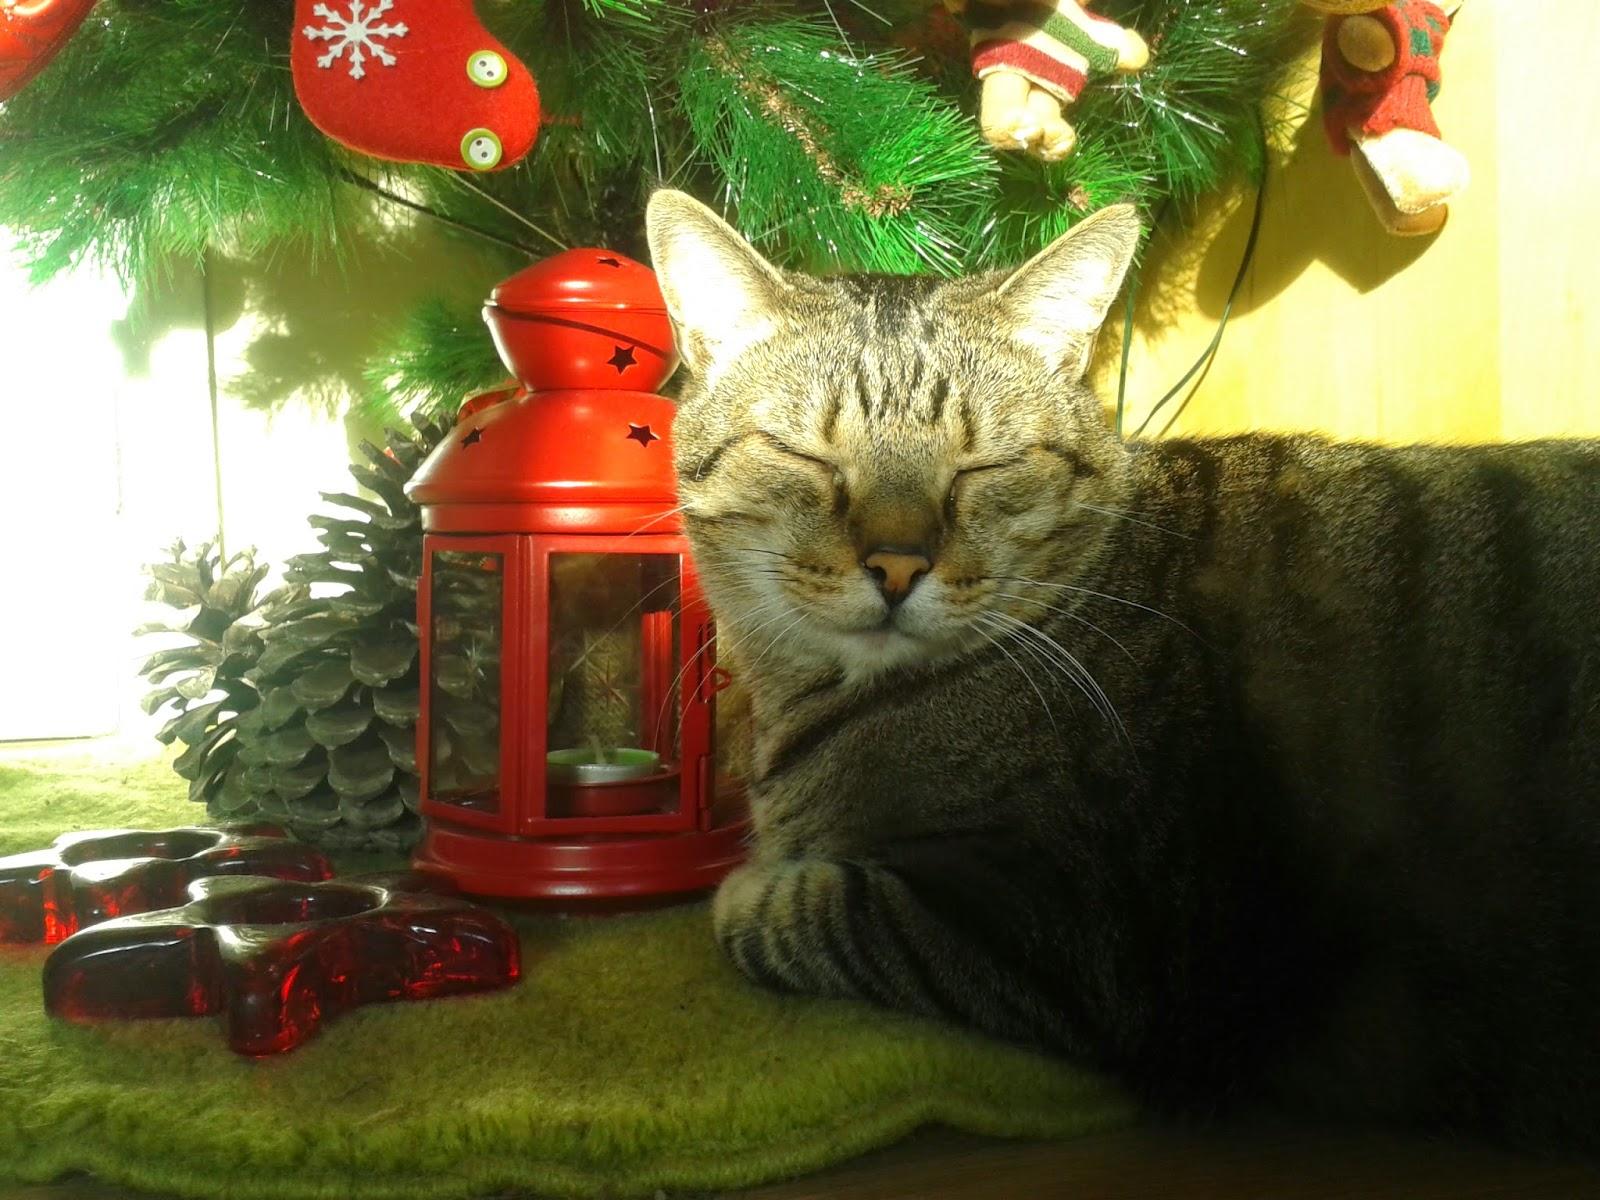 Site qu hay debajo del rbol de navidad - Arbol gato ikea ...